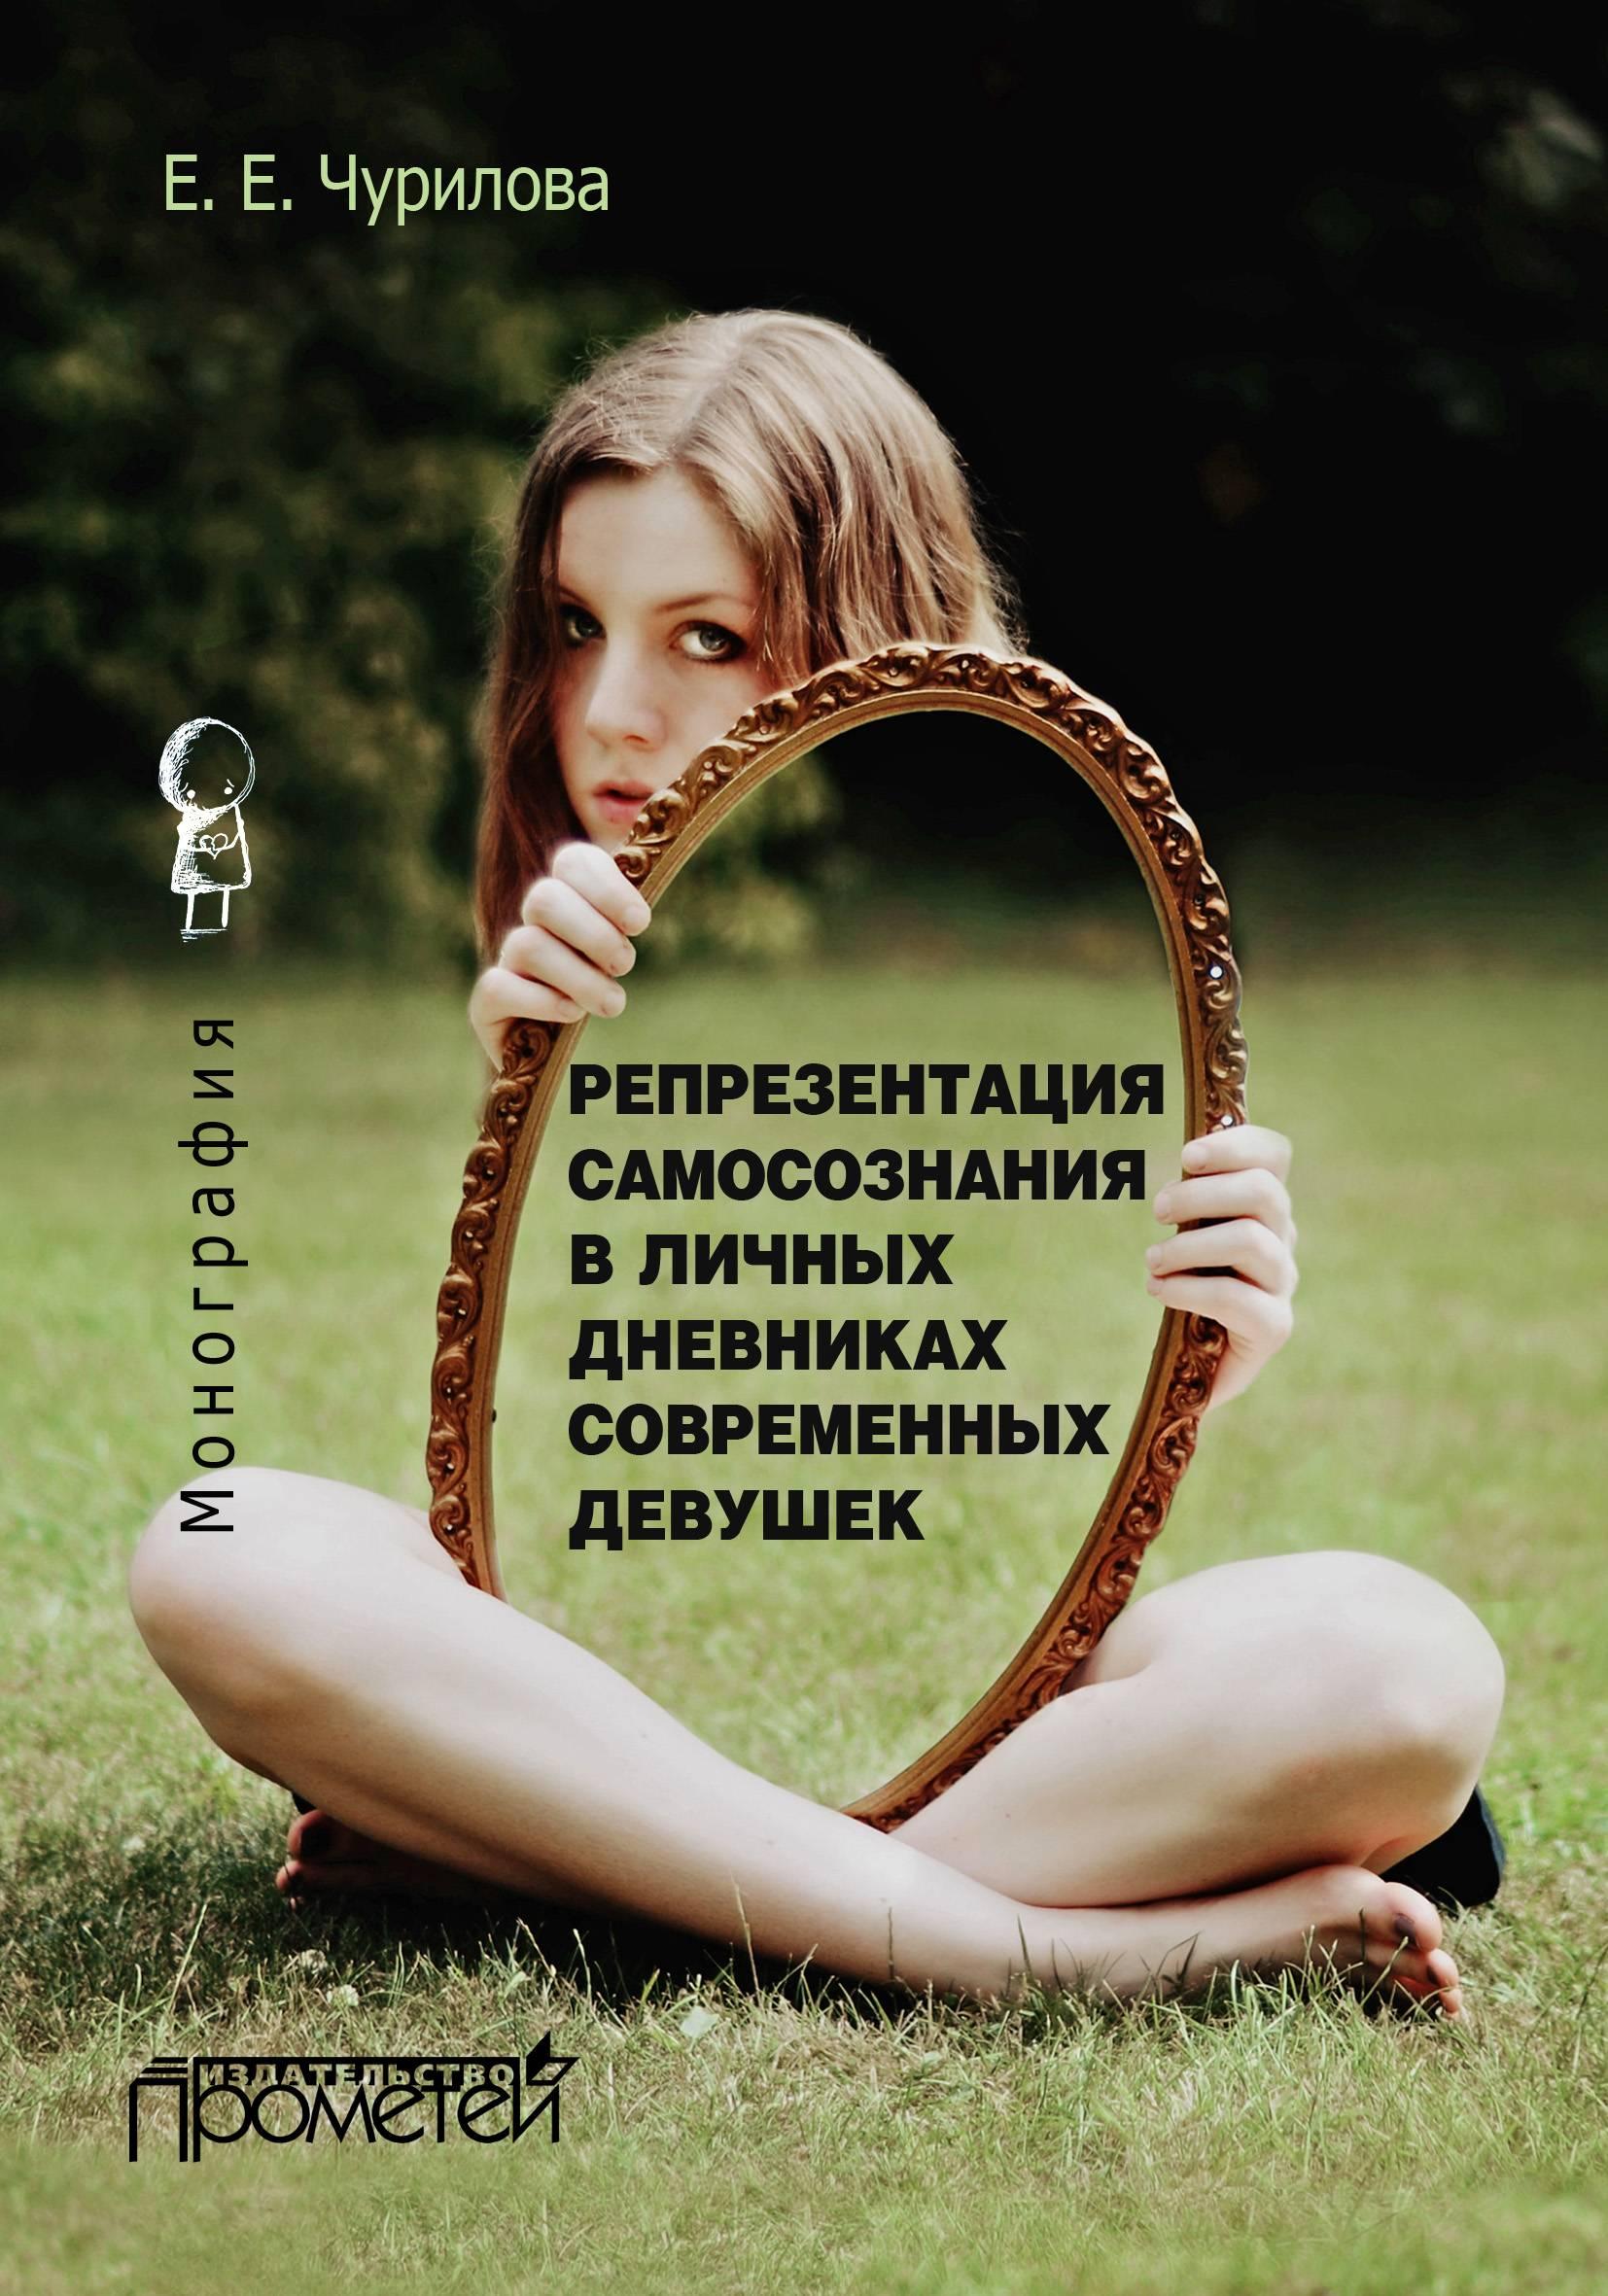 Репрезентация | р